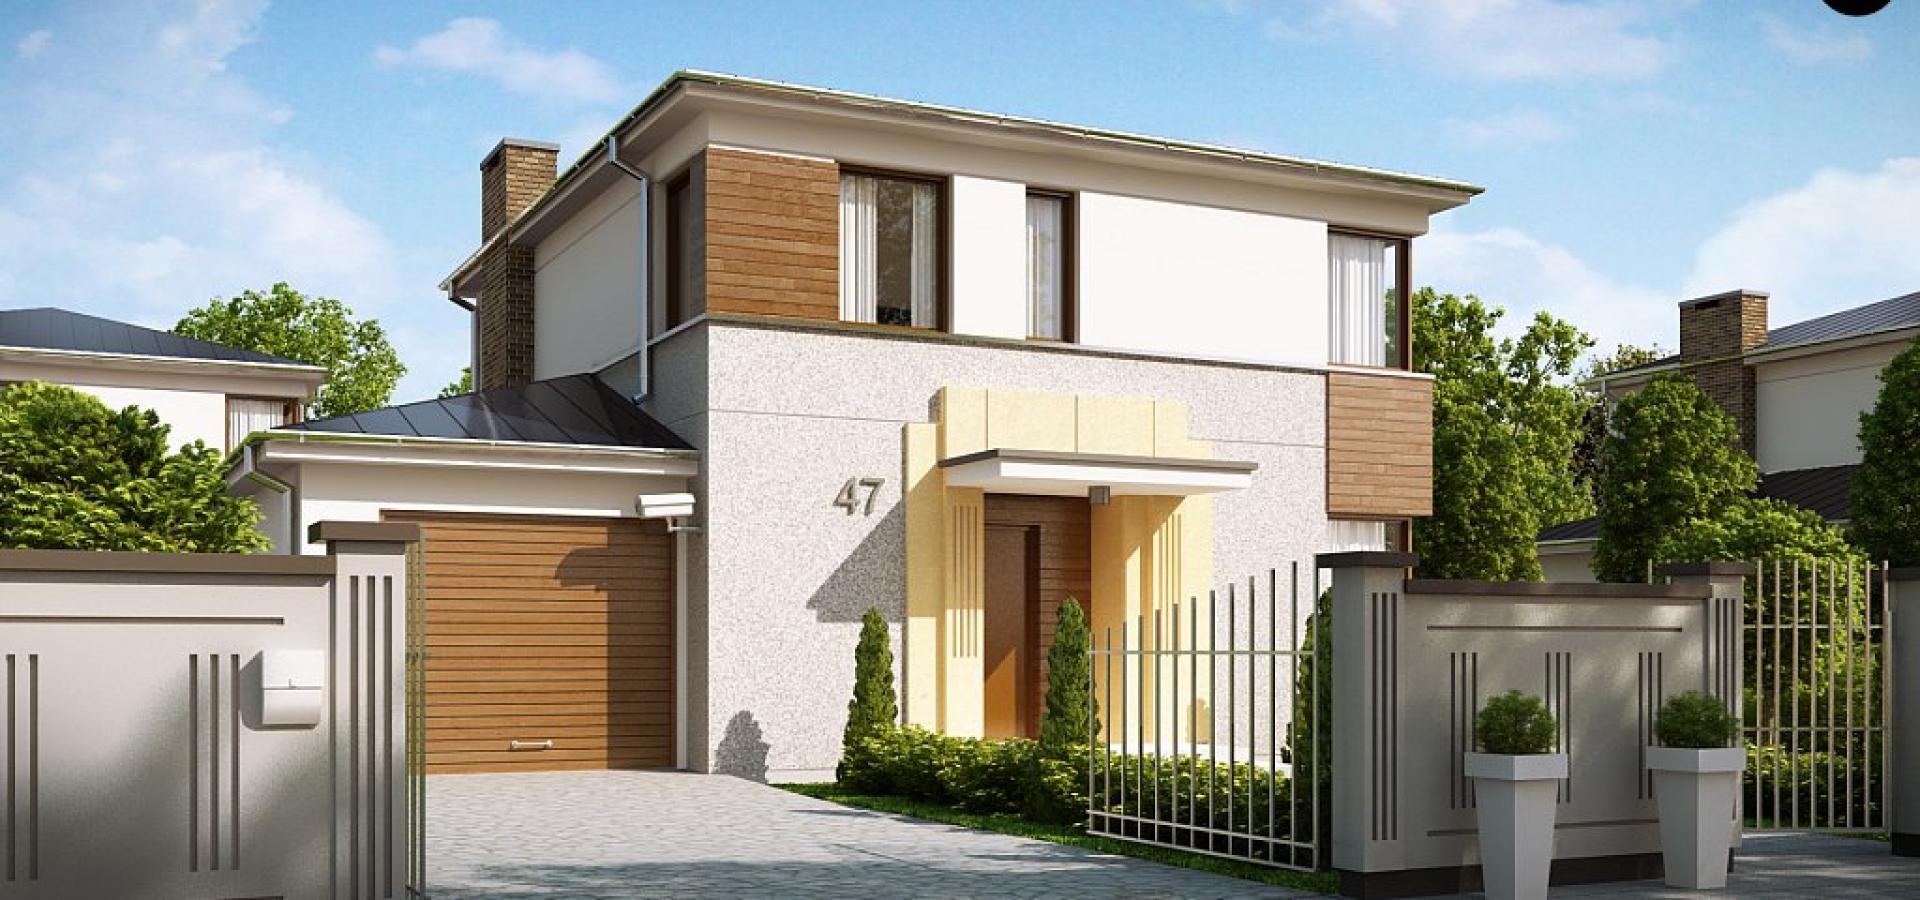 fachada-para-casa-de-dos-pisos-con-cochera-y-tres-dormitorios